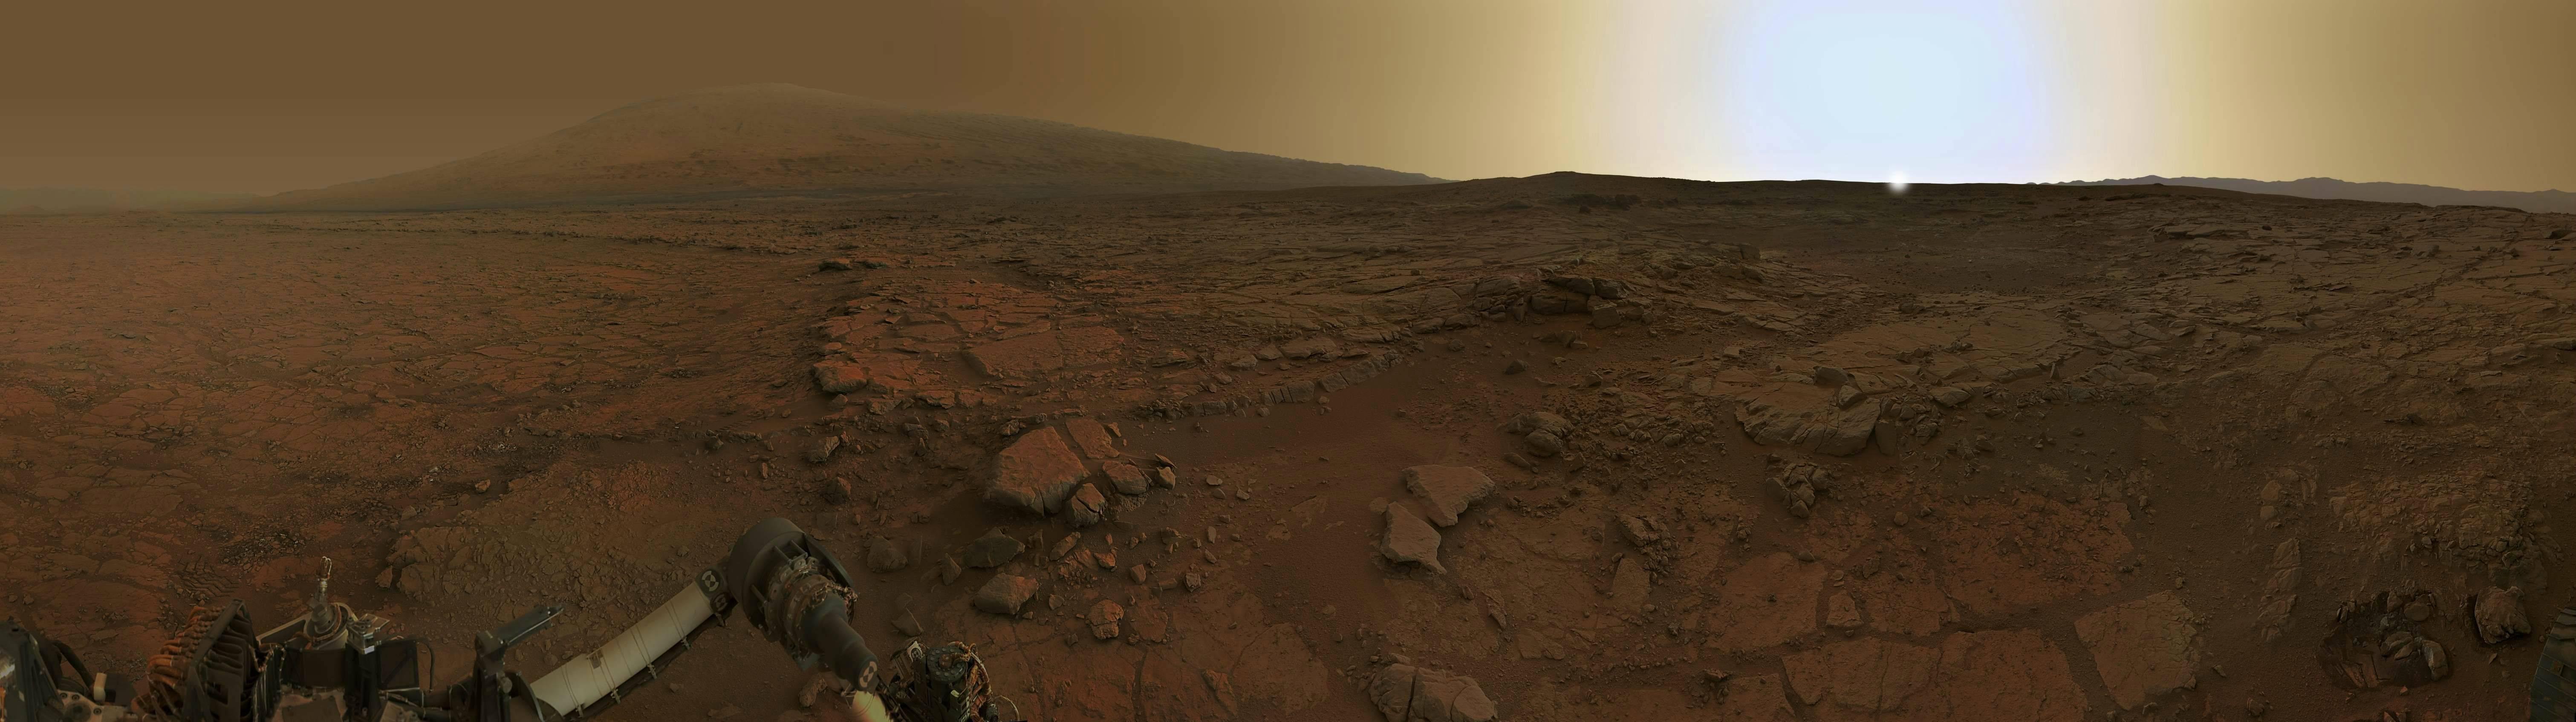 Панорама рассвета на Марсе